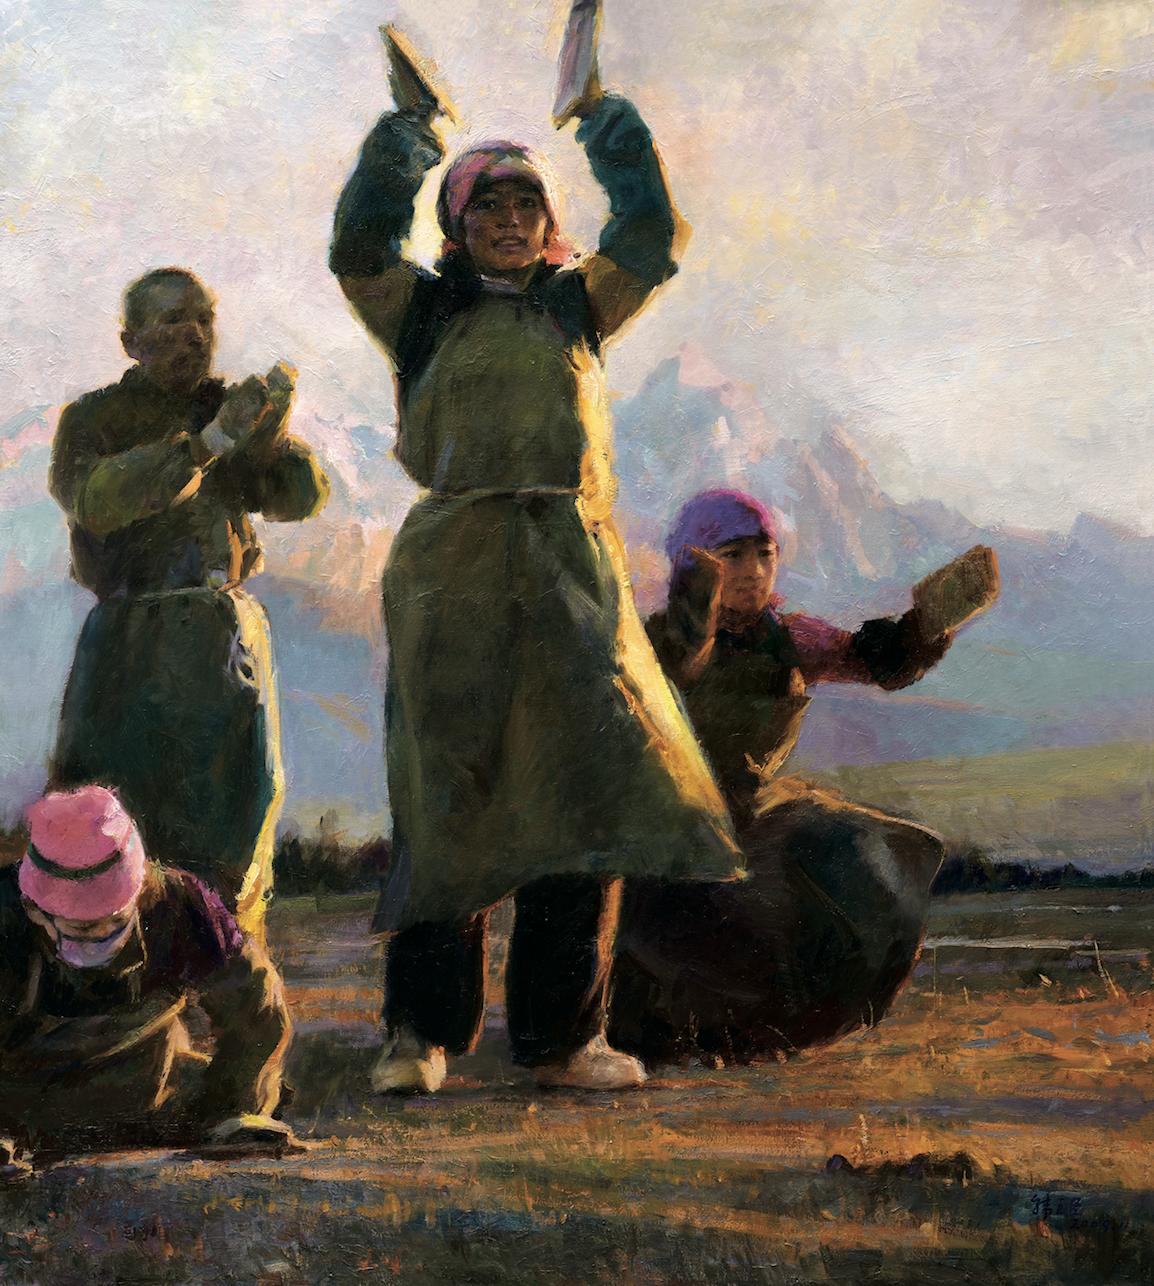 L'artiste chinois Han Yuchen - Masterpiece de Londres 5b144de6bbddbd7d8778f505